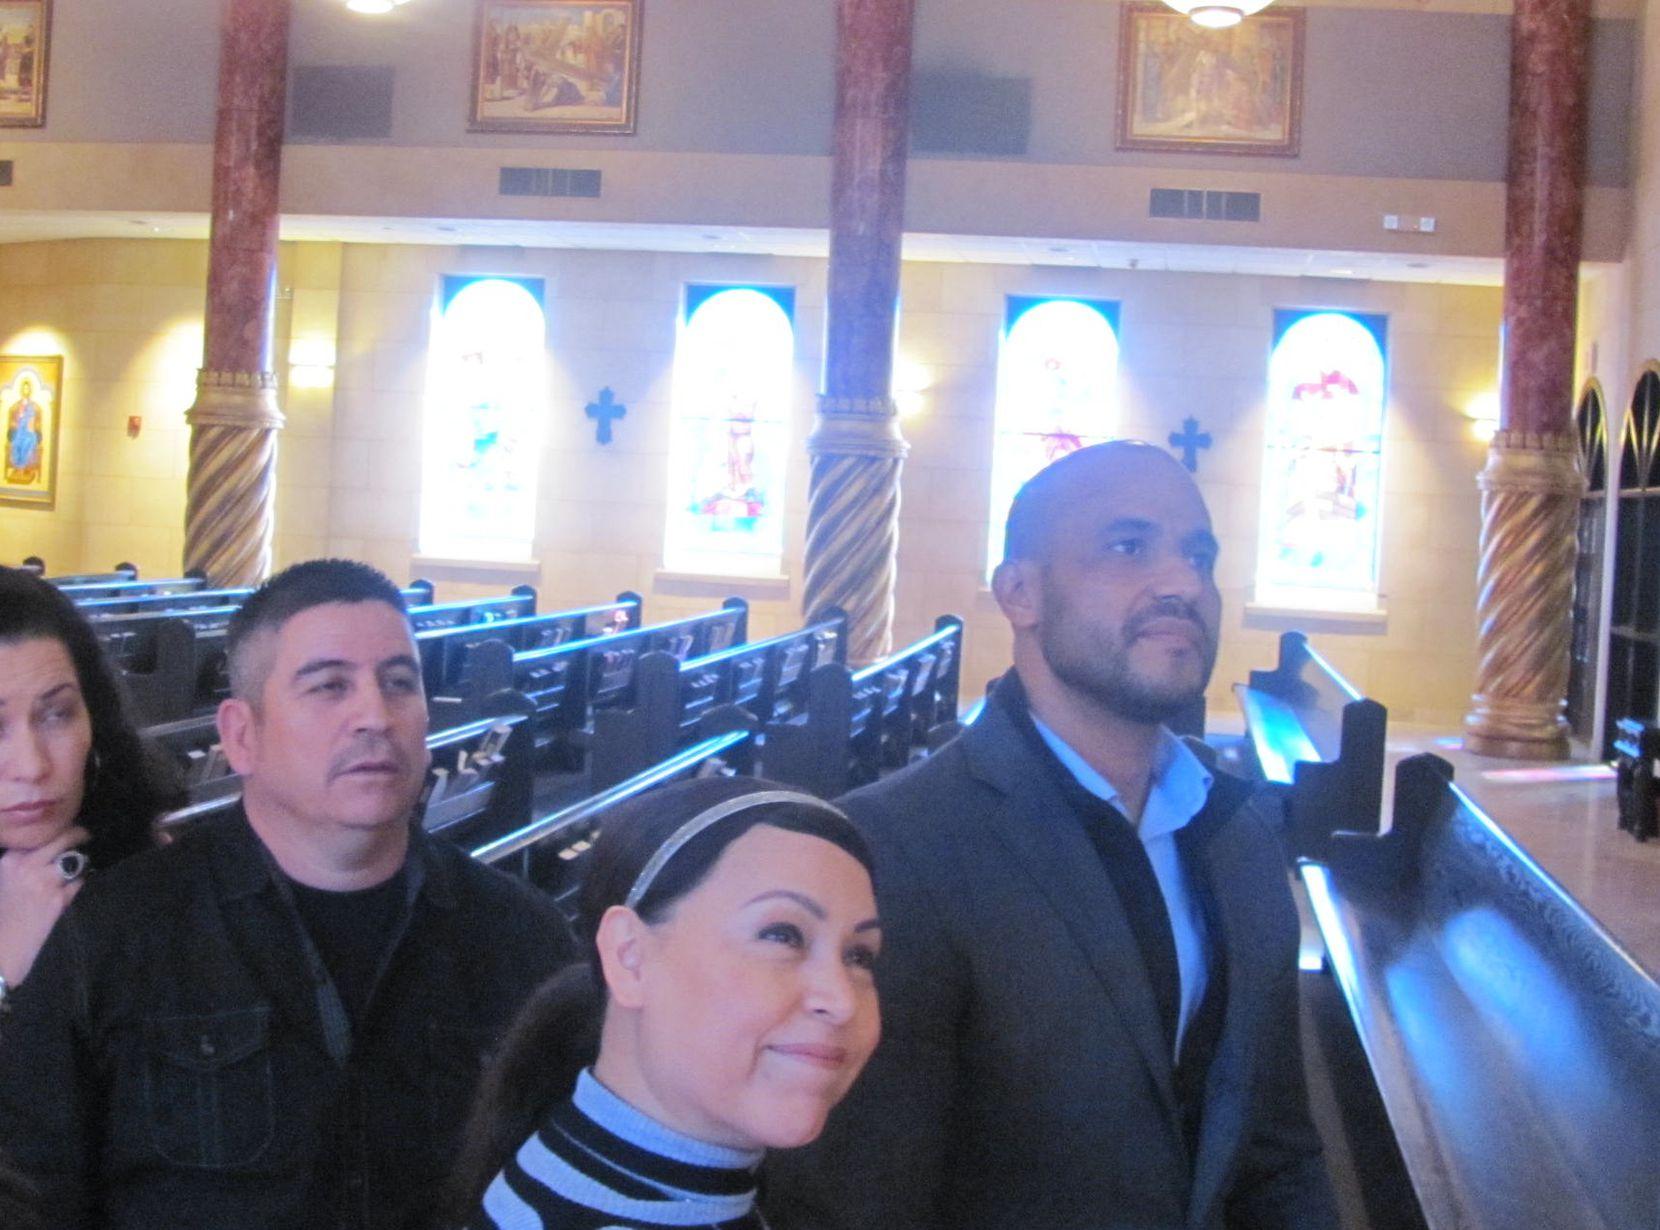 Juan Pérez (derecha) y su esposa Gloria Pérez (centro) toman un tour de la iglesia católica St. Elizabeth Ann Seton, en la que se explicó el significado de cada uno de los vitrales del tempo. Los Pérez viajarán a Ciudad Juárez en espera de ver al Papa Francisco.